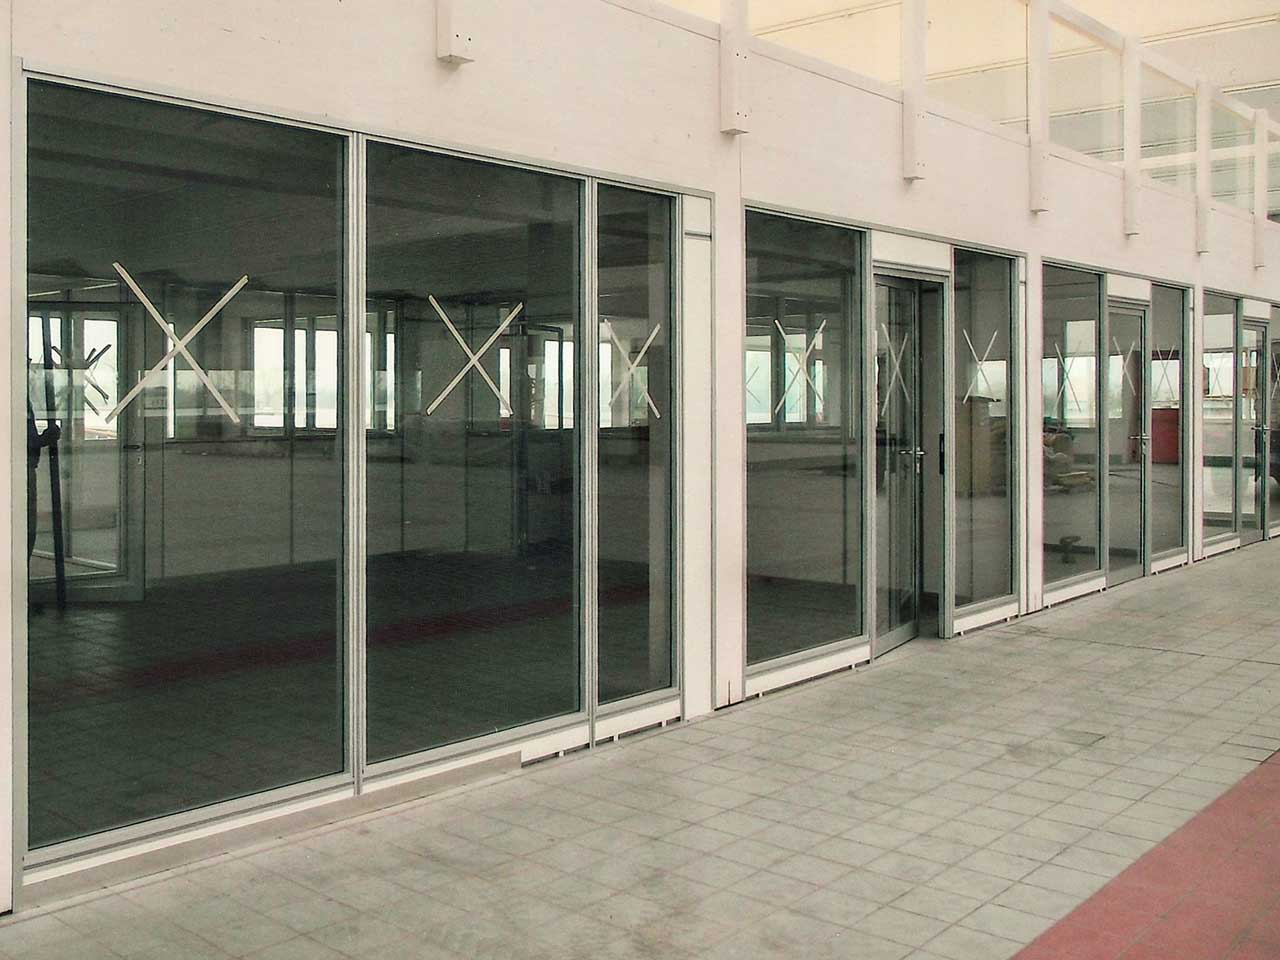 Pareti Mobili Per Ufficio : Uffici con pareti mobili in vetro integrabili con pareti mobili e